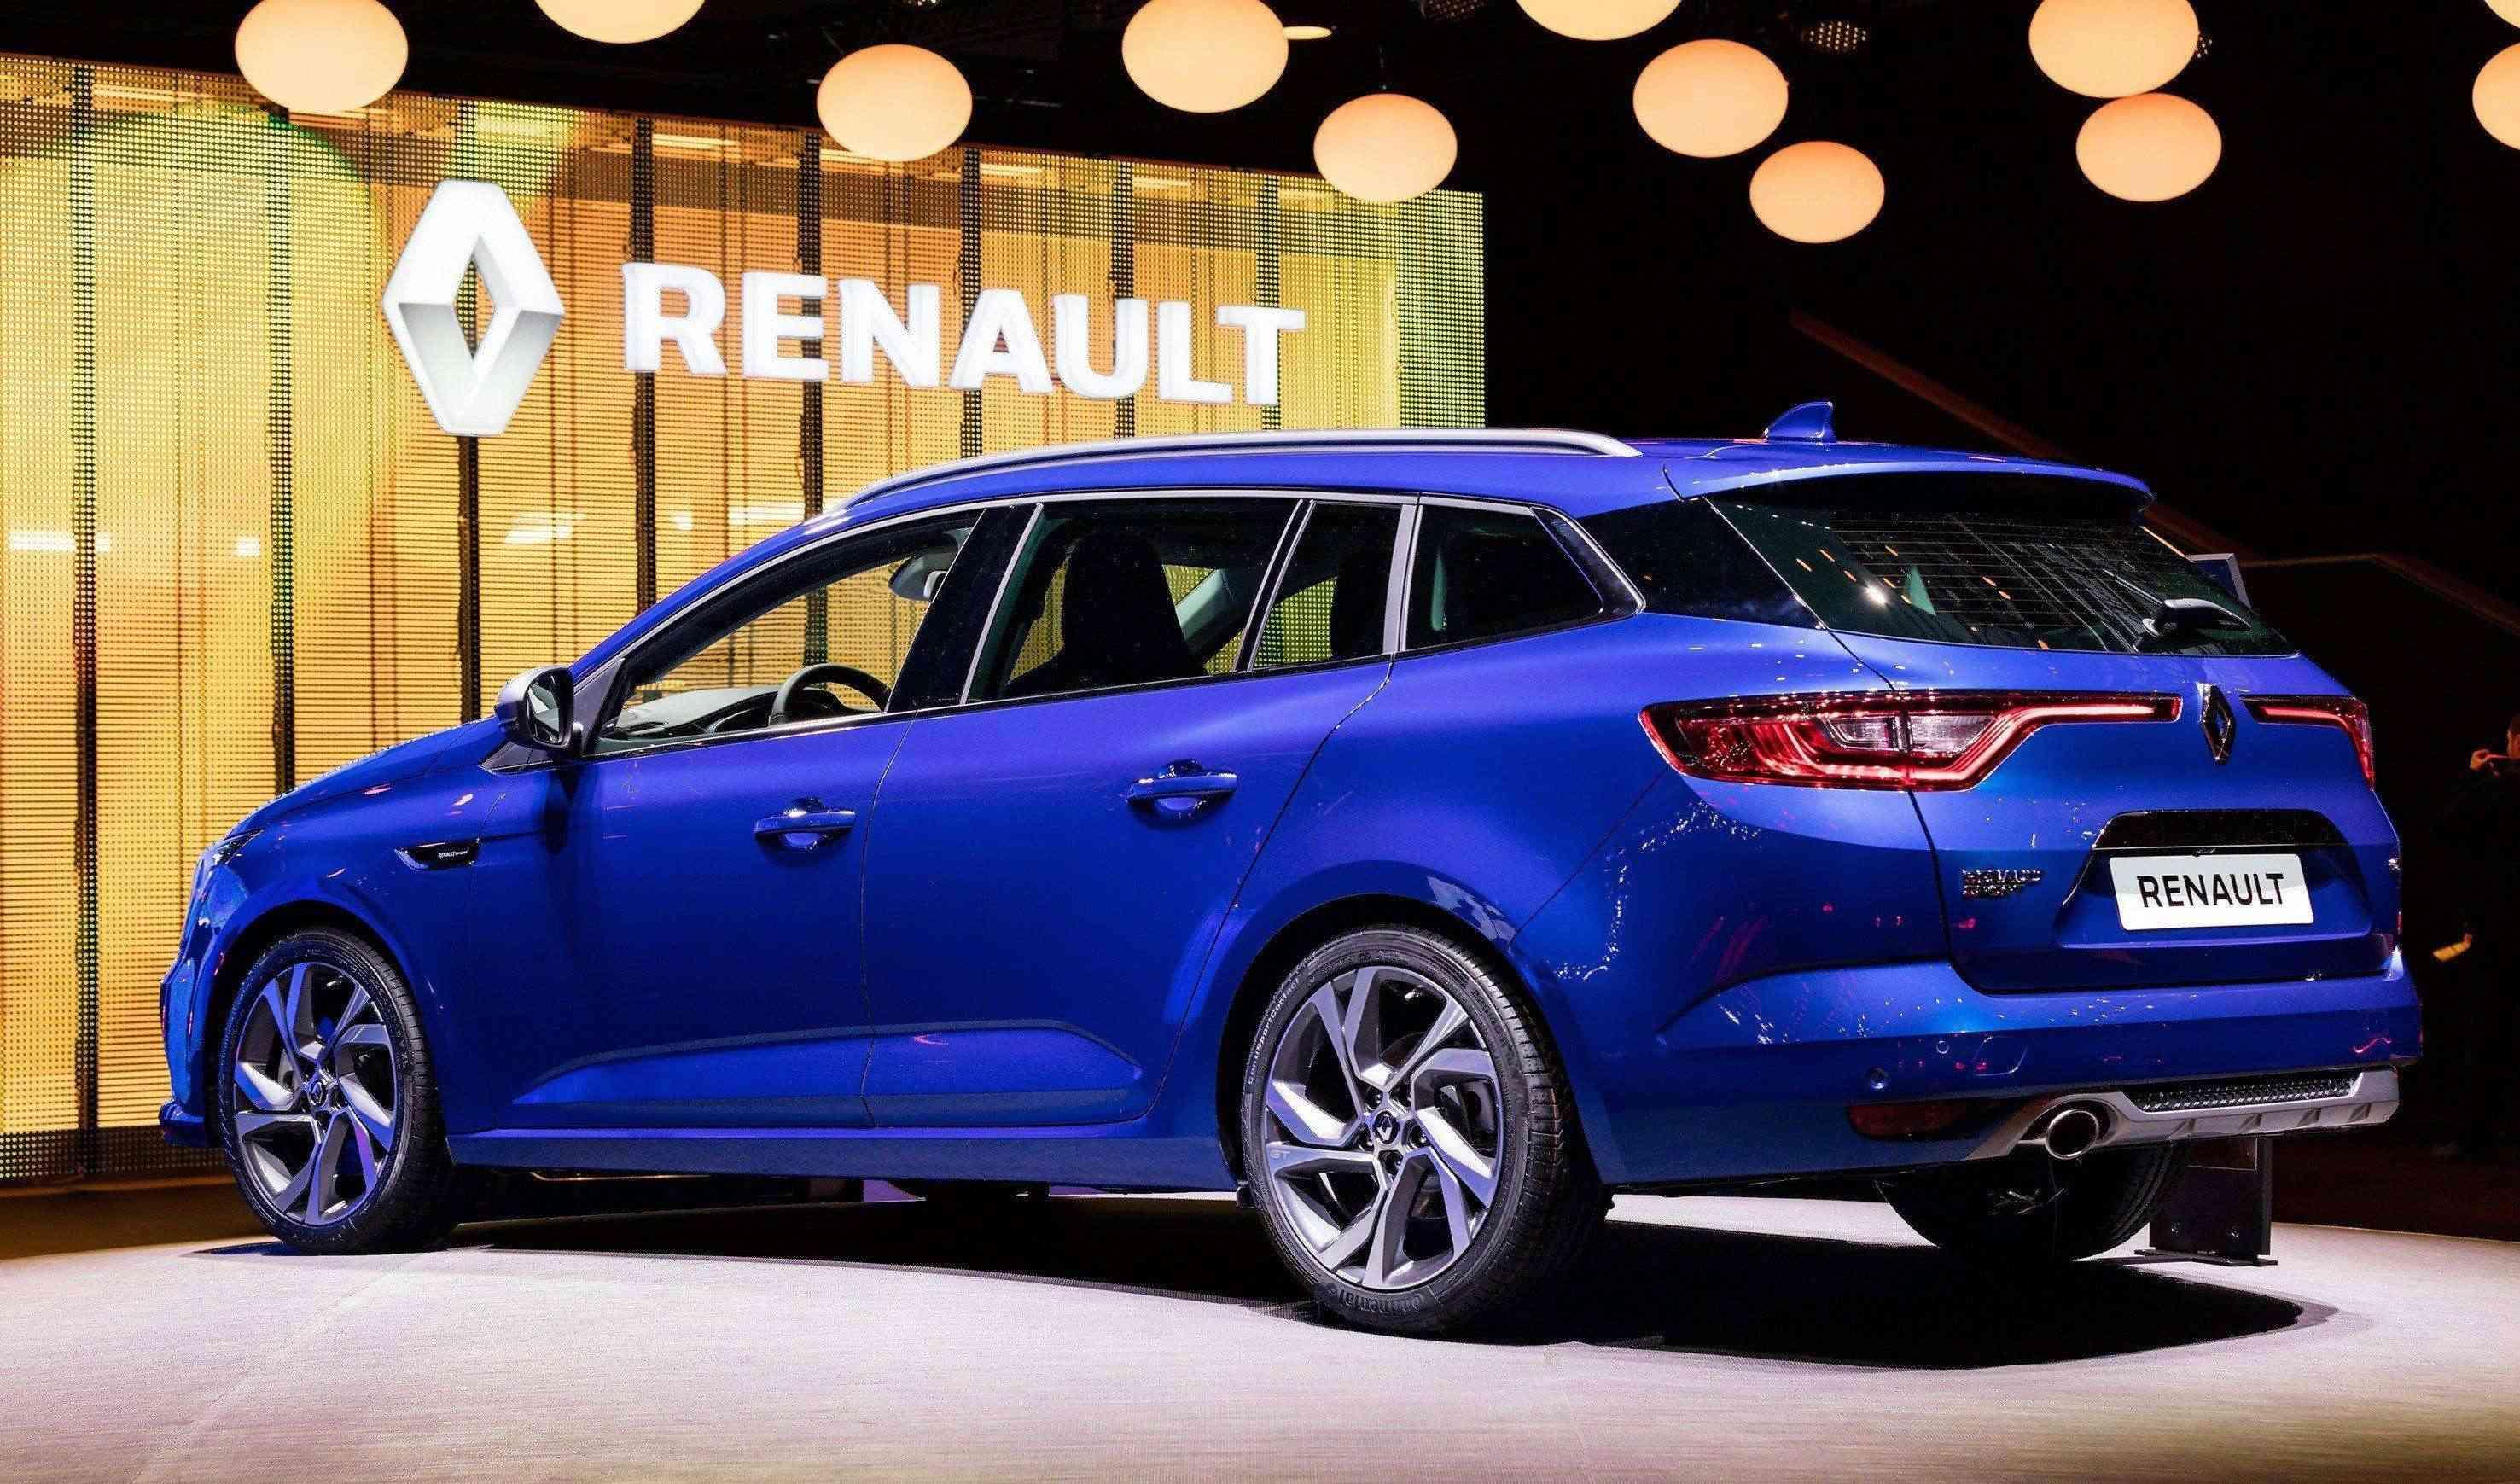 Renault_76256_global_en